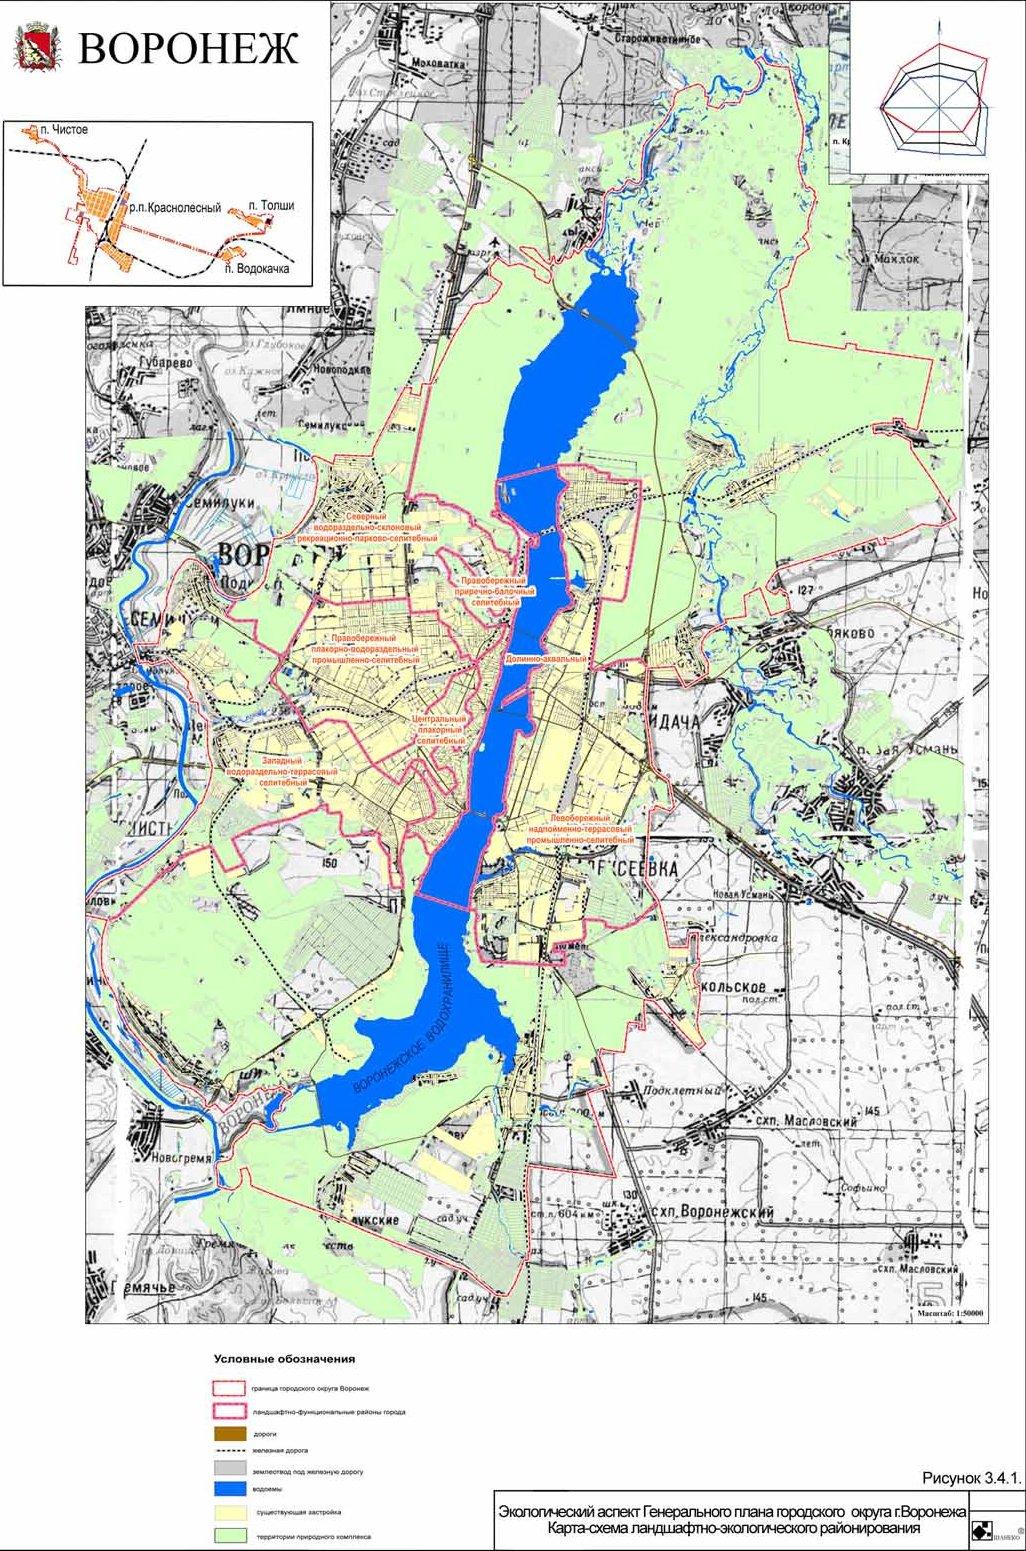 Карта-схема ландшафтно-экологического районирования